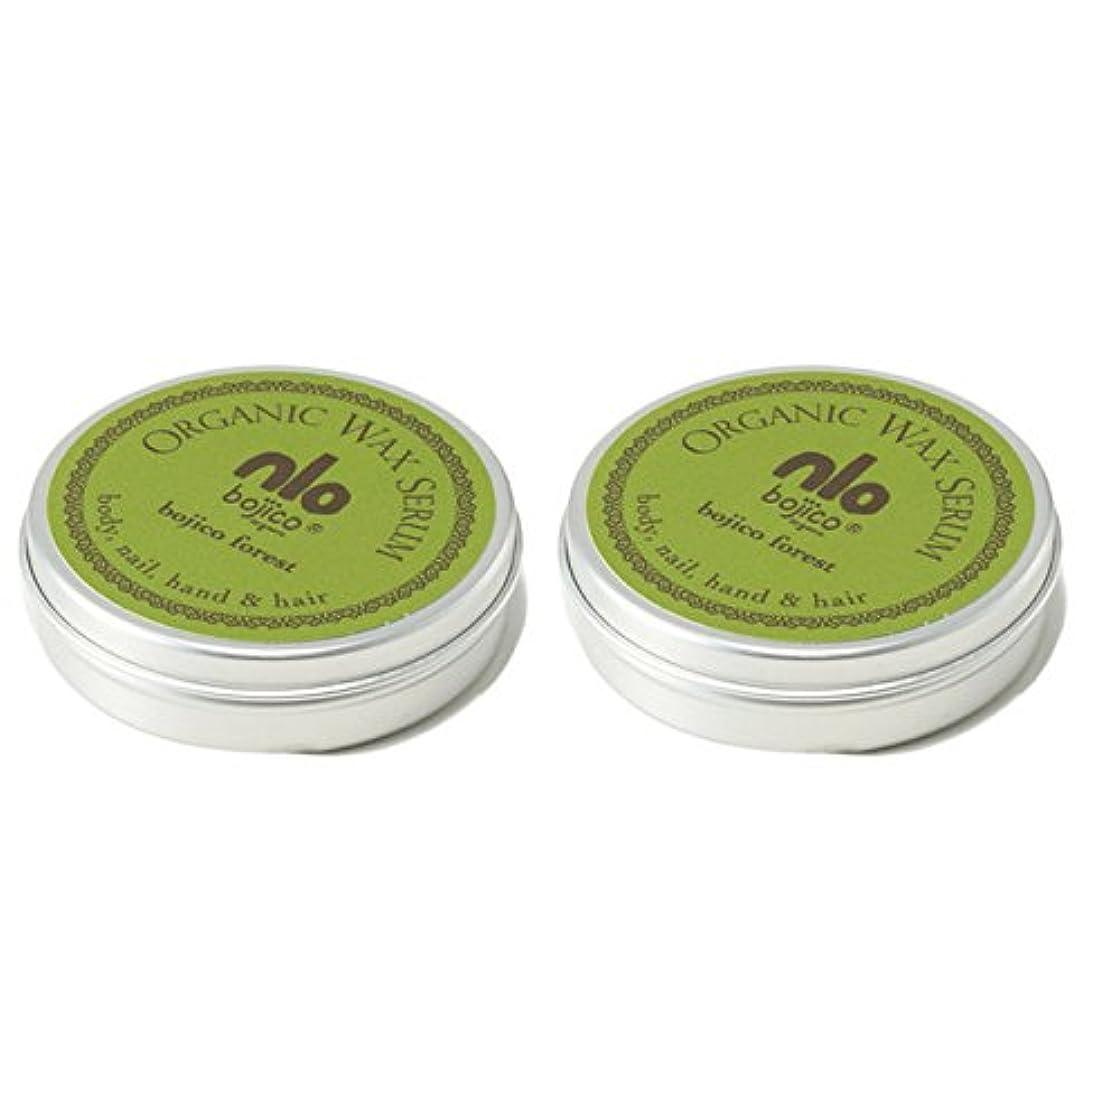 大惨事毎年指【40g×2個セット】 ボジコ オーガニック ワックス セラム <フォレスト> bojico Organic Wax Serum 40g×2